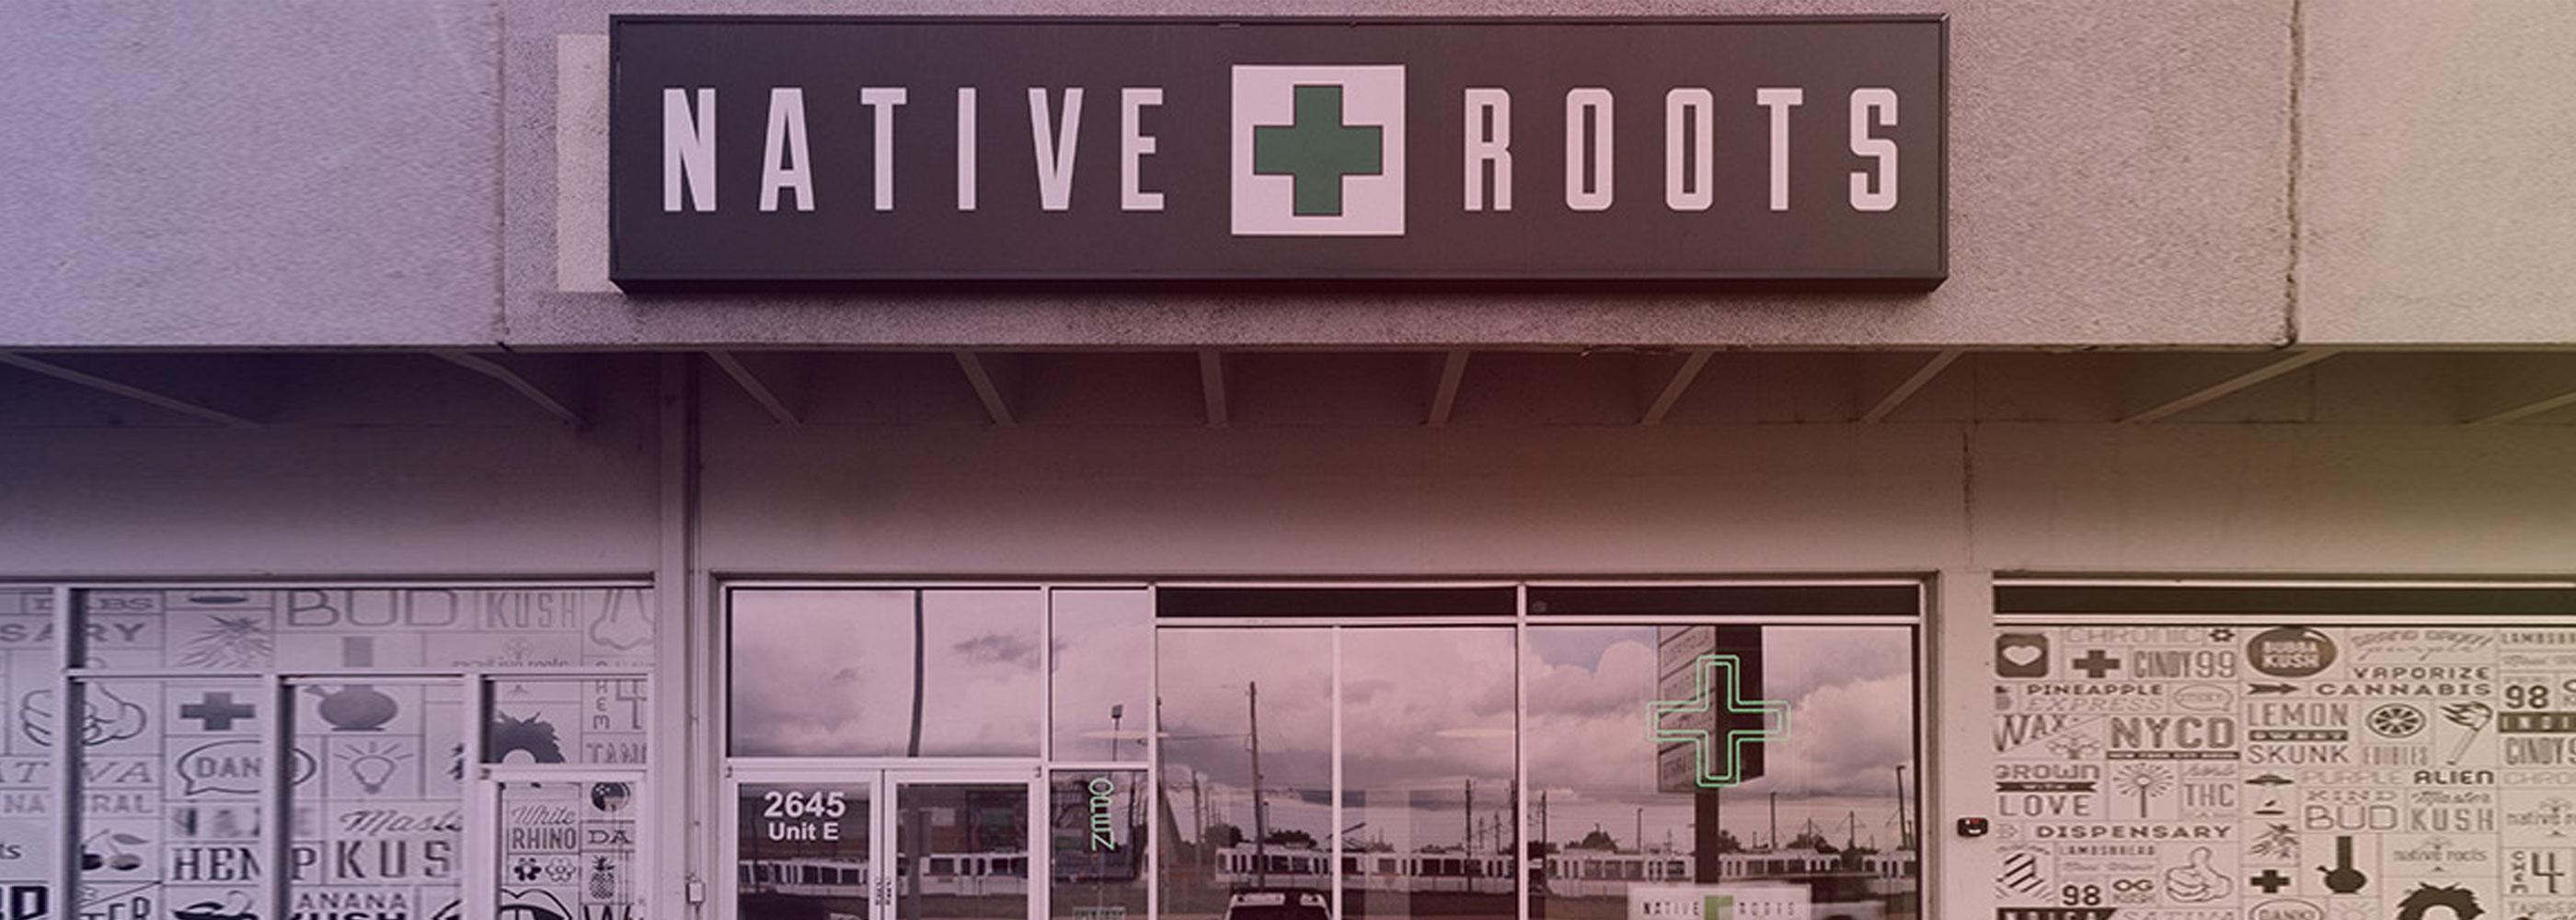 Native Roots Santa fe Marijuana Dispensary  location